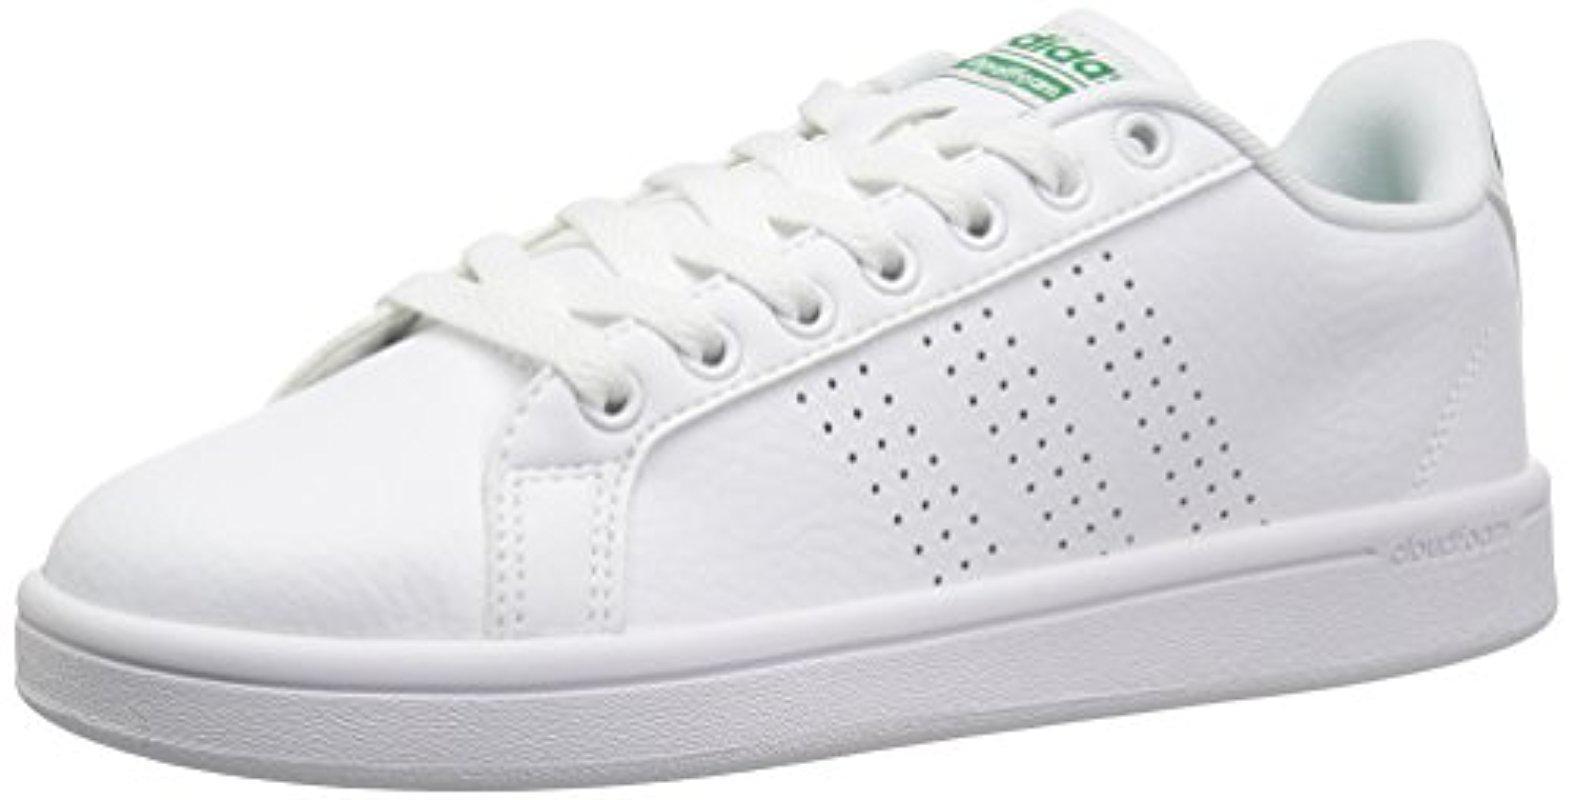 lyst adidas cloudfoam pulito le scarpe da ginnastica in vantaggio per gli uomini bianchi